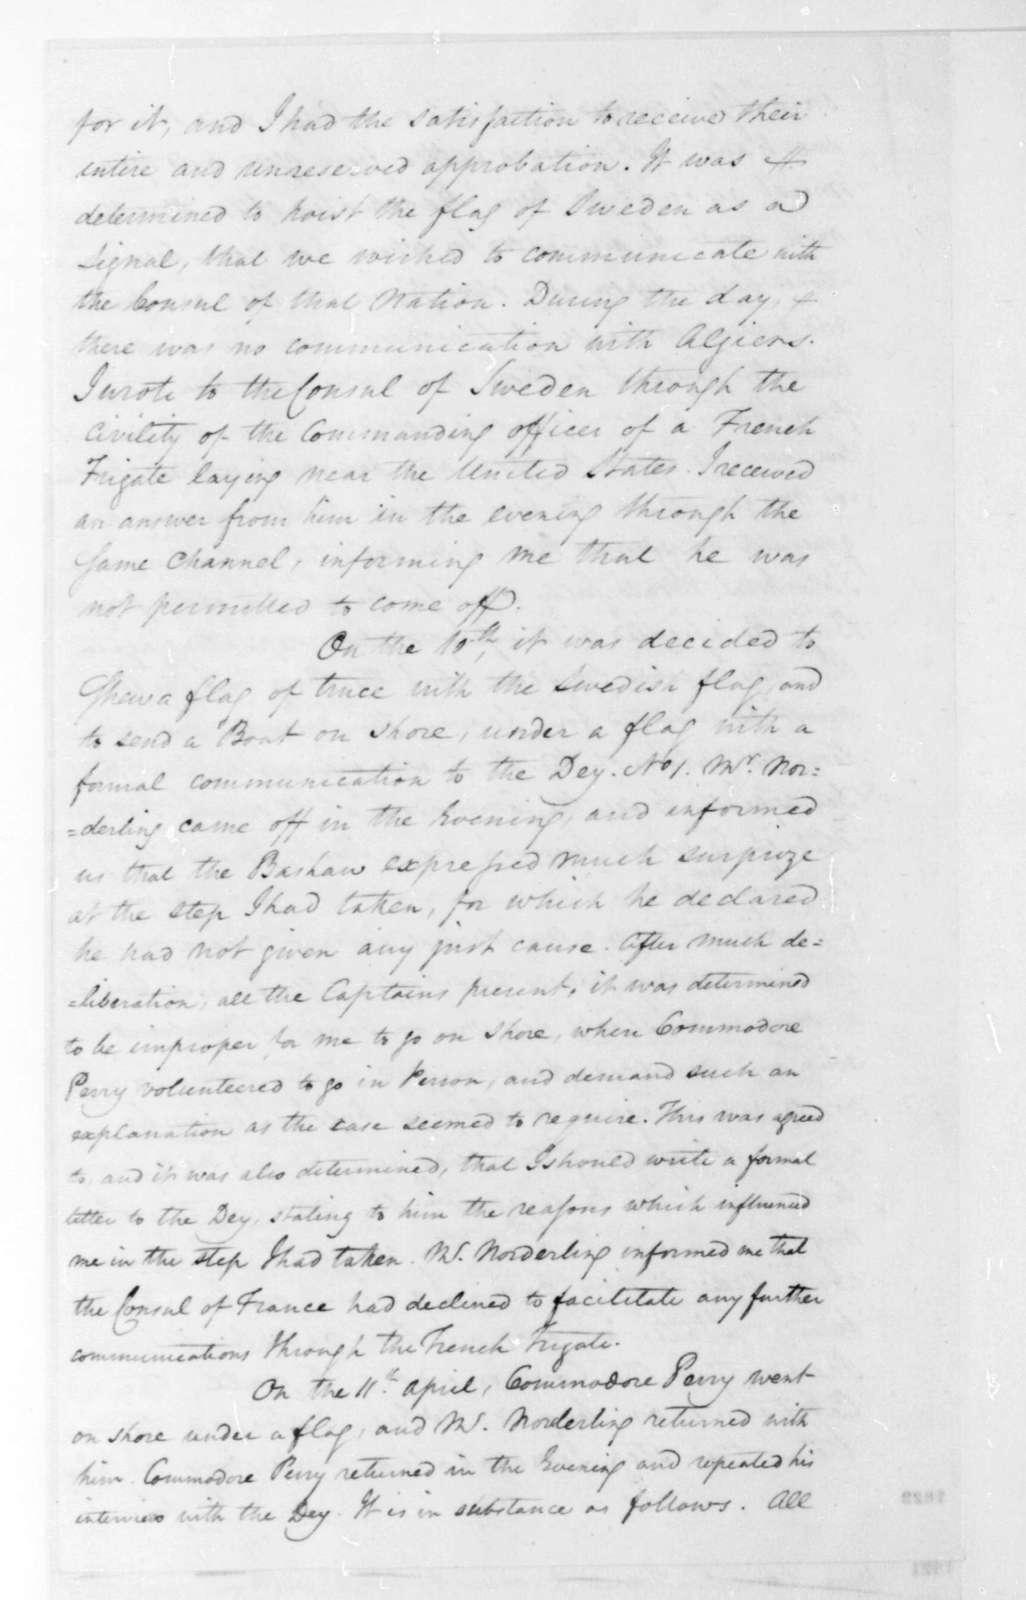 William Shaler to James Monroe, April 15, 1816.